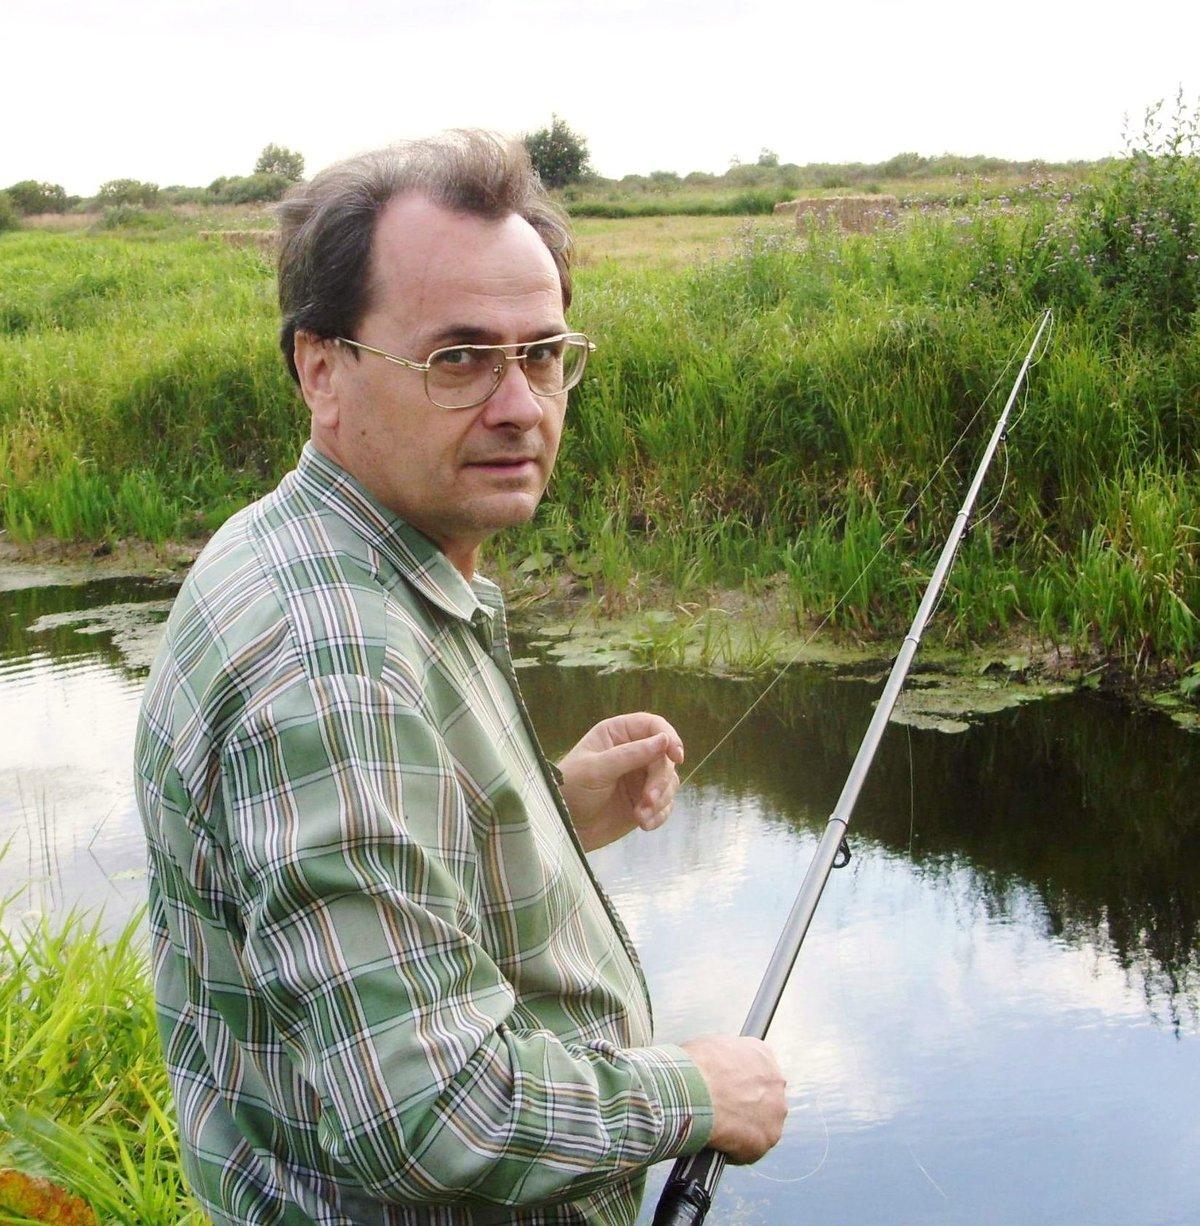 отличается фото красивых мужчин на рыбалке фигня полная